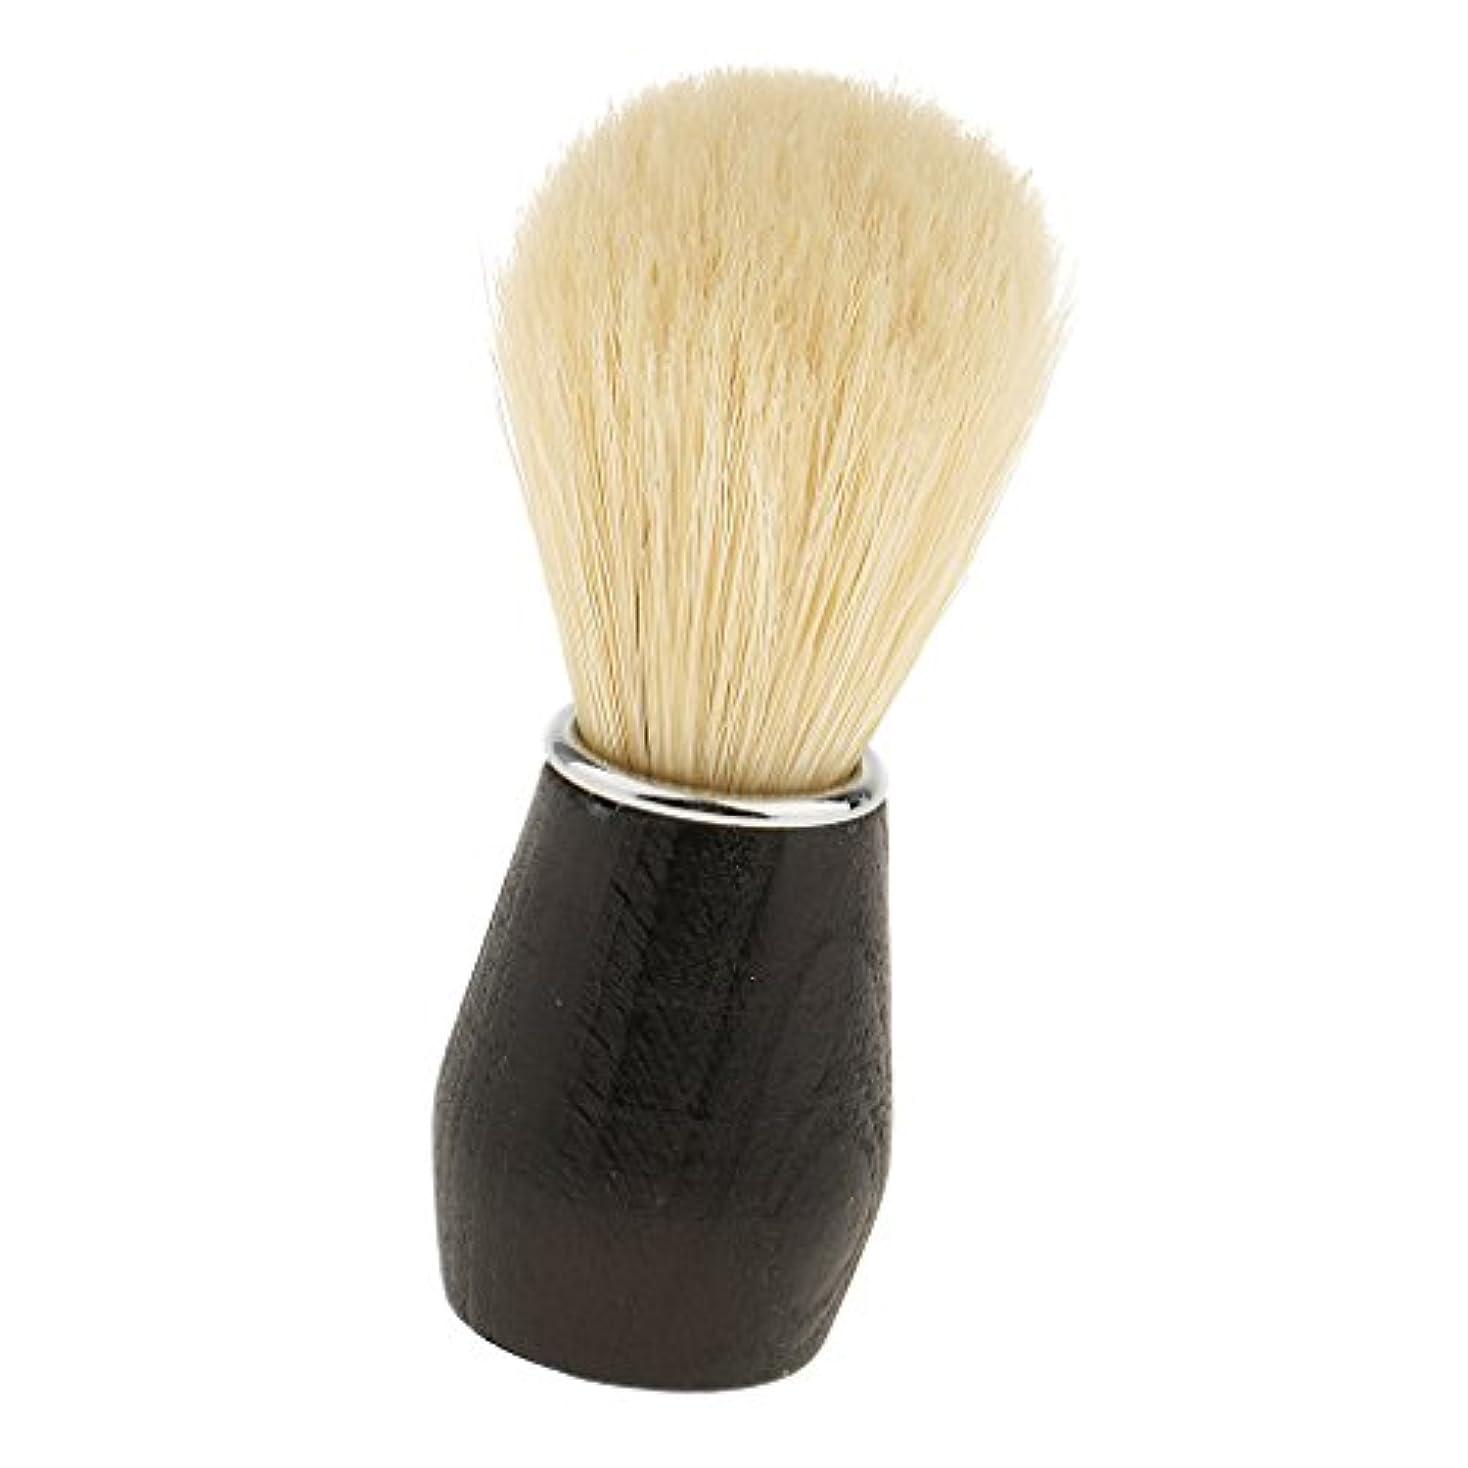 追い付く状況翻訳Baosity 父のギフト ソフト 実用的 プロフェッショナル バーバーサロン家庭用 ひげ剃りブラシ プラスチックハンドル フェイシャルクリーニングブラシ ブラック